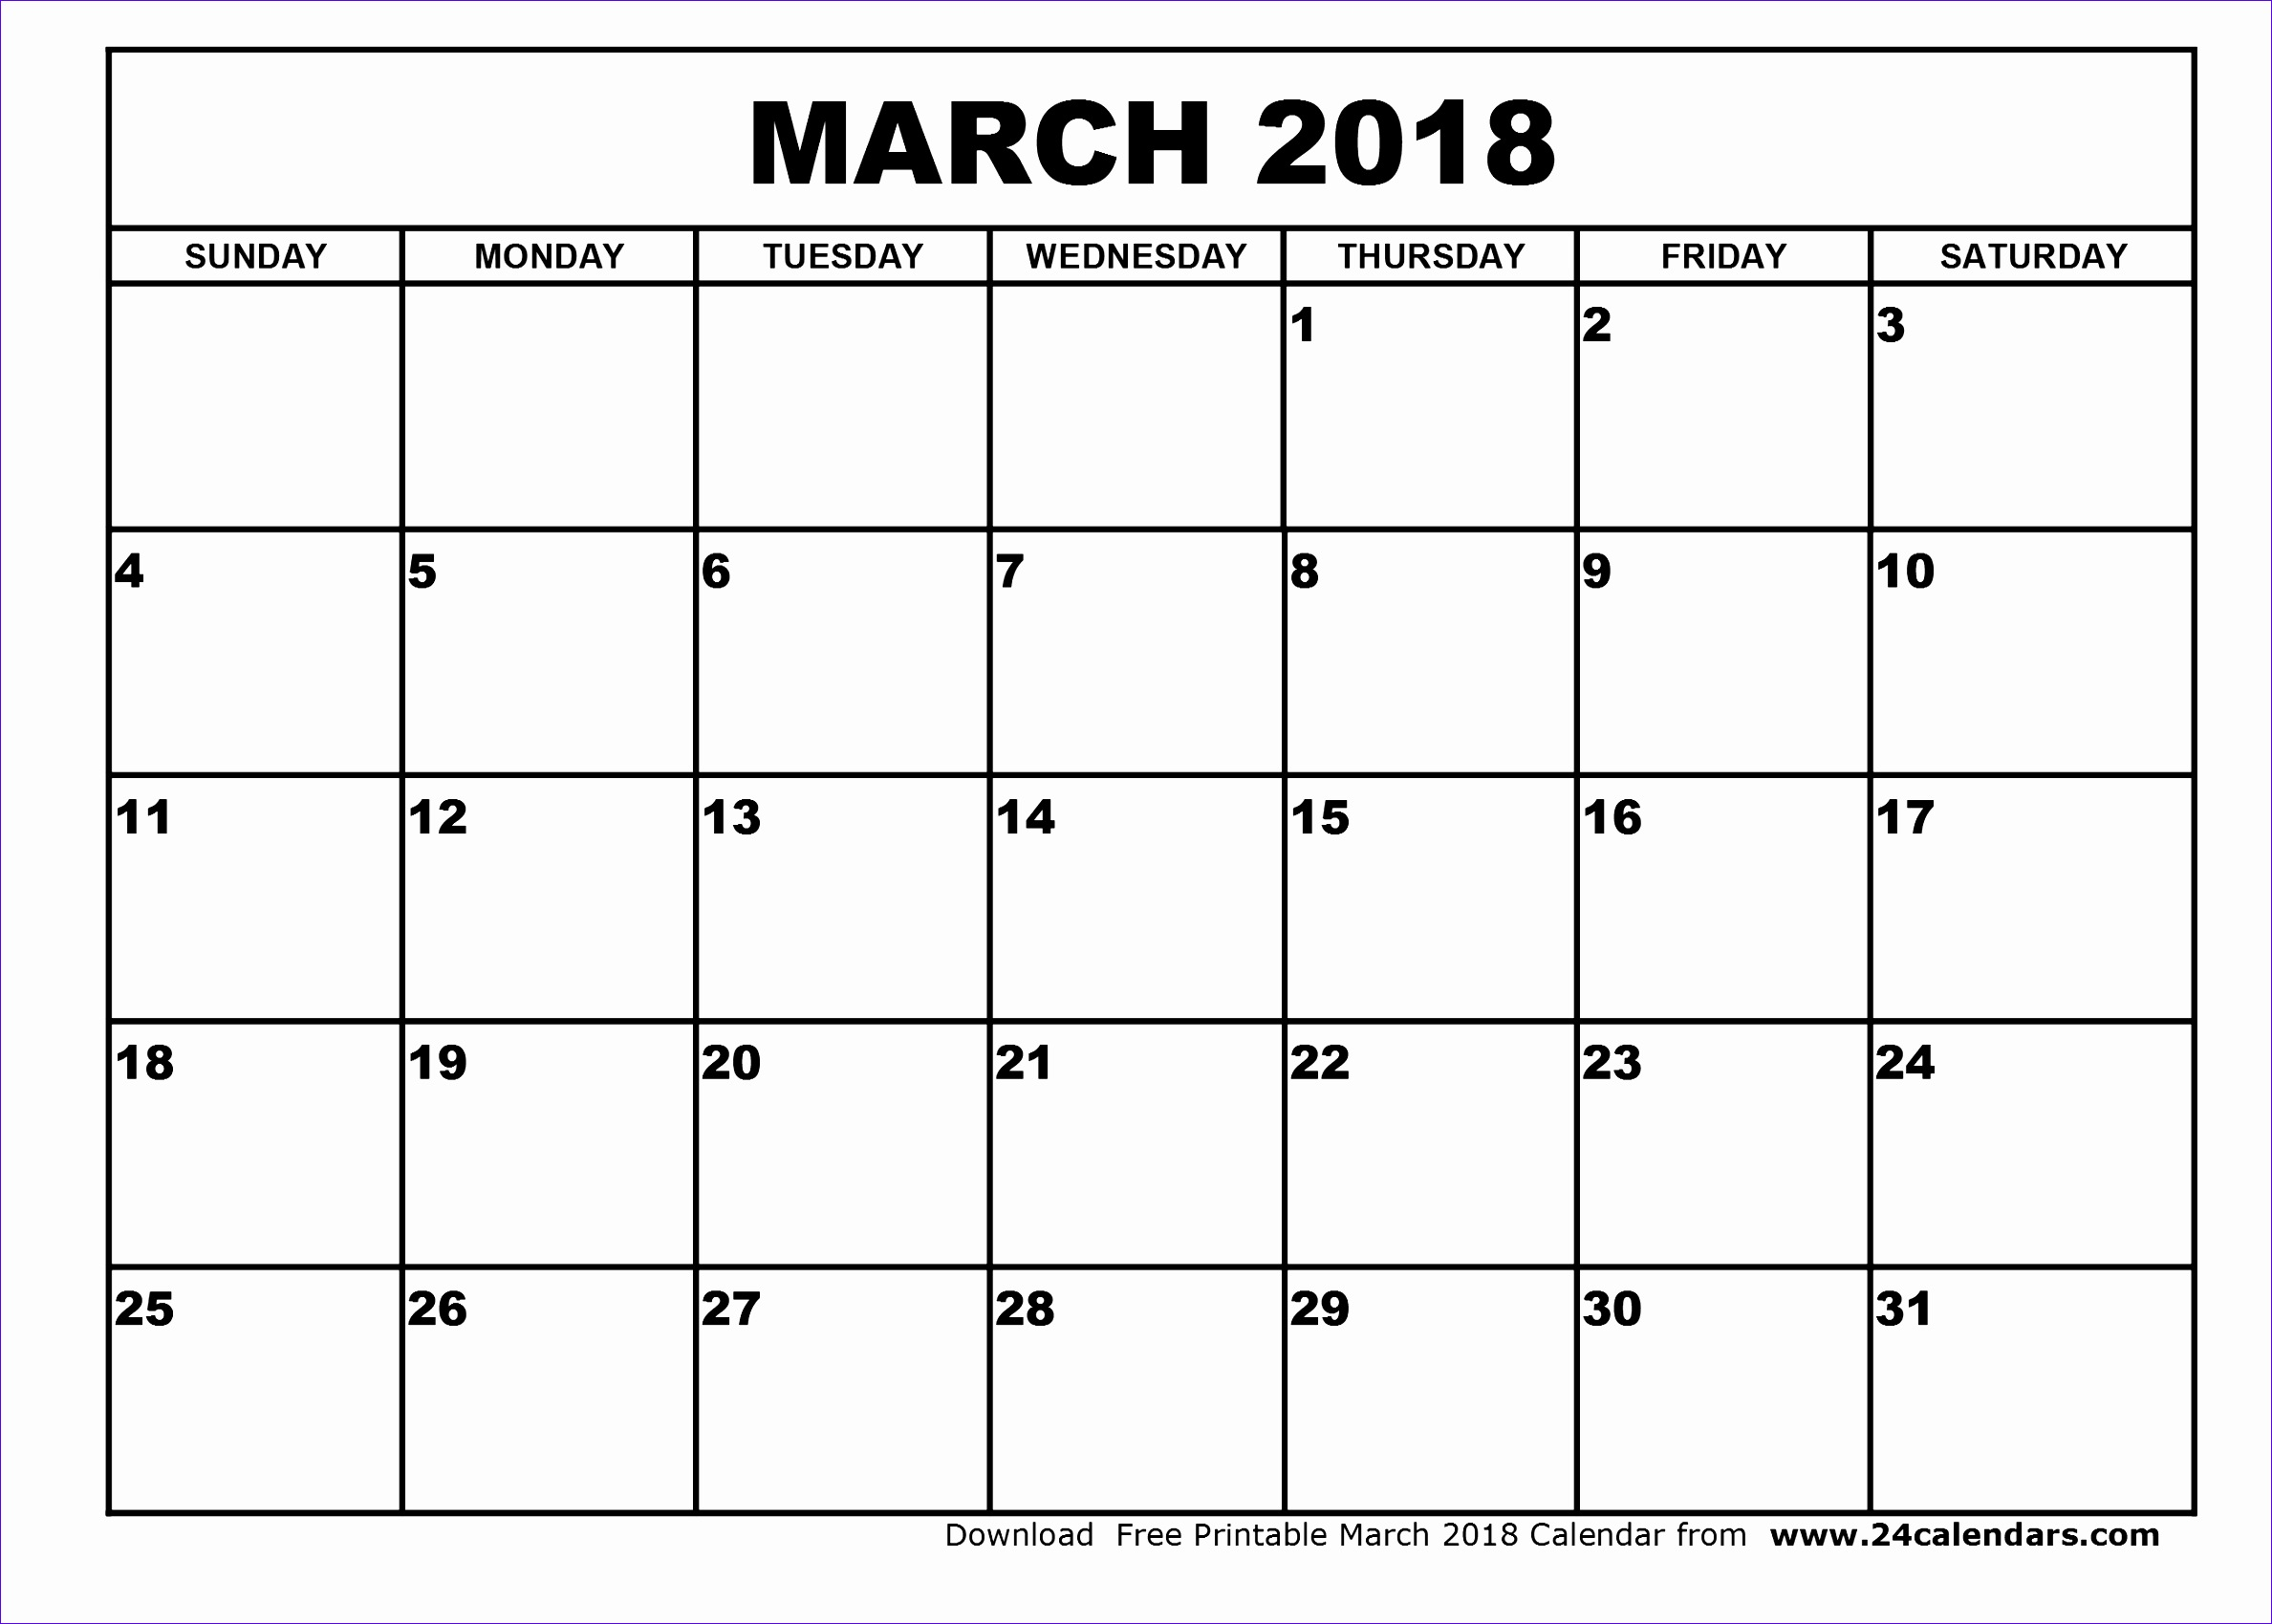 march 2018 calendar template 566 23771699